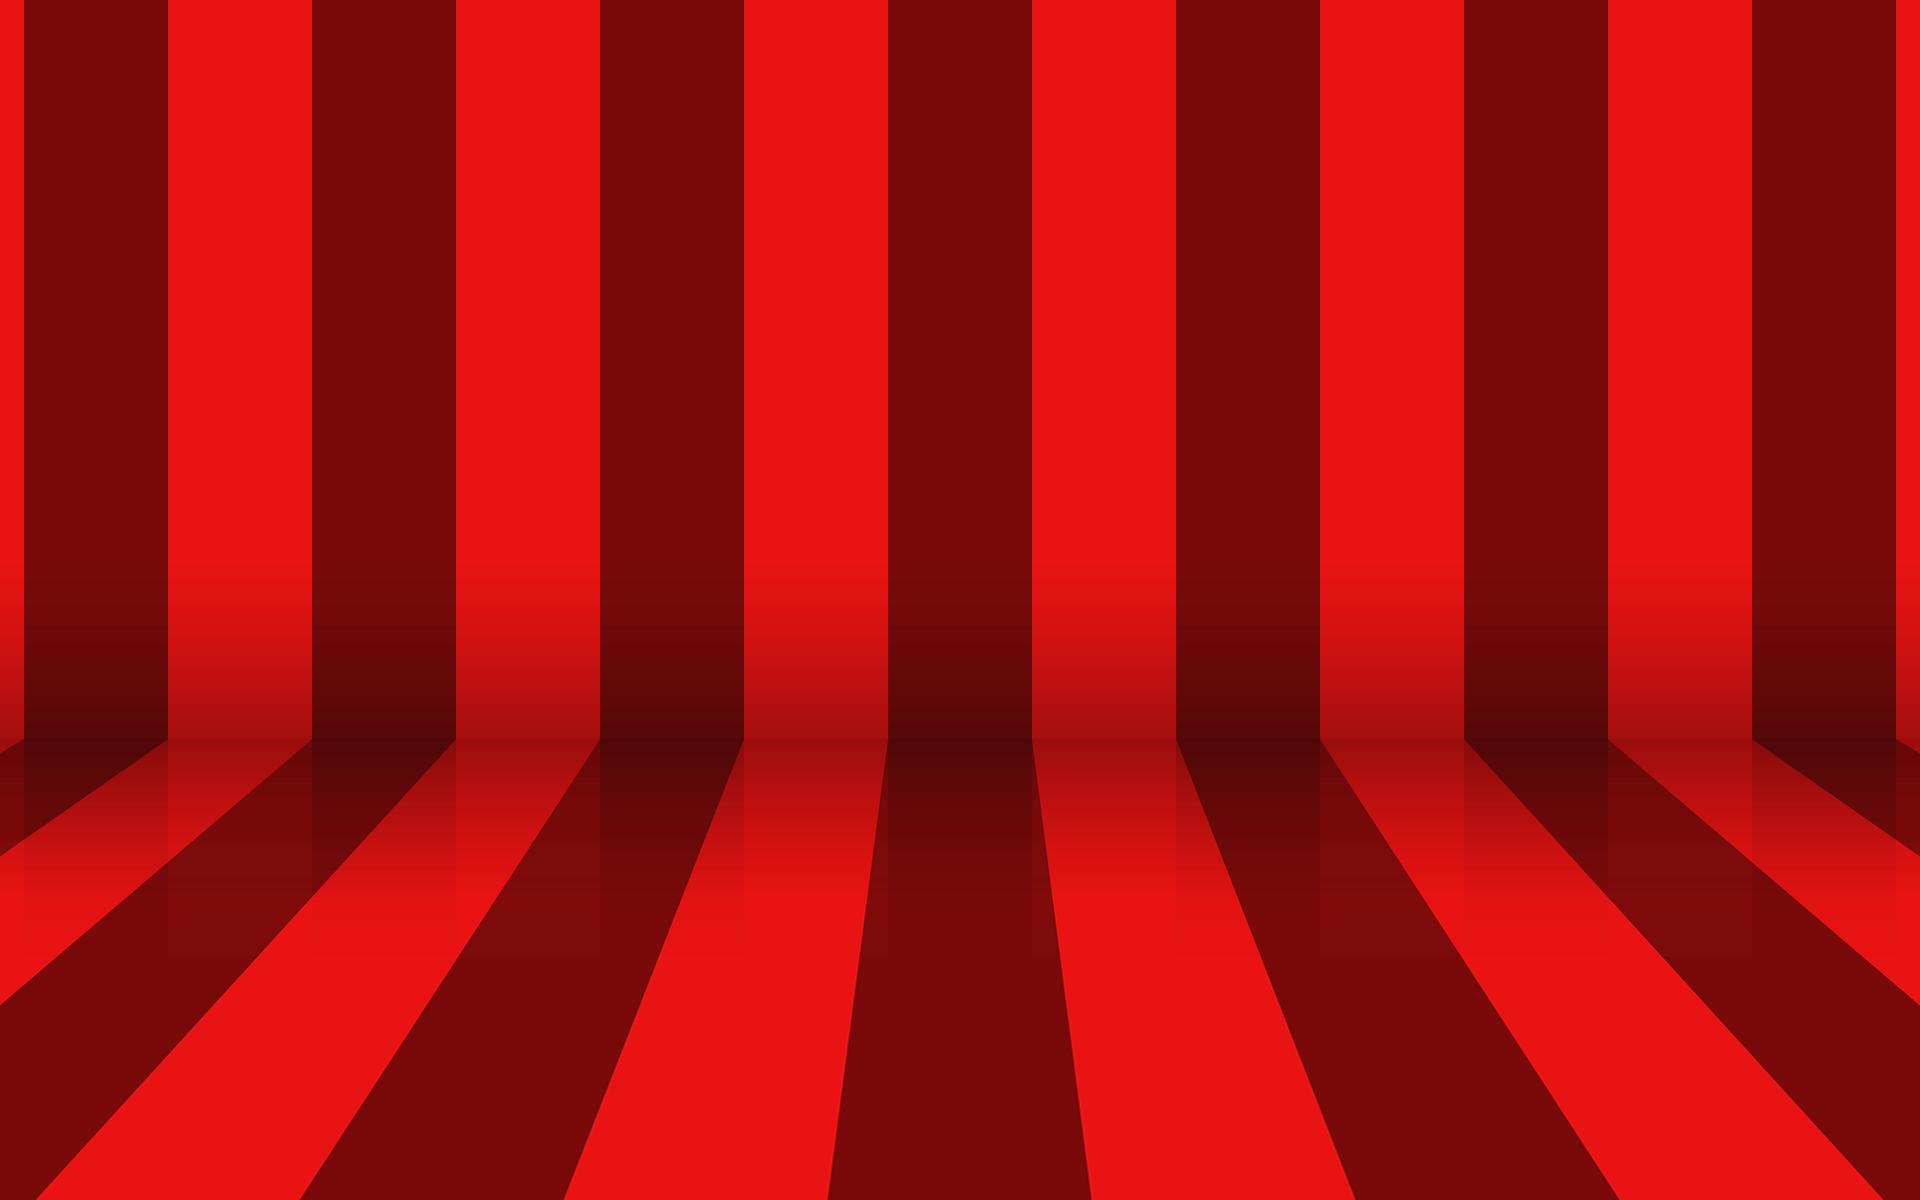 Red - Dr. Odd